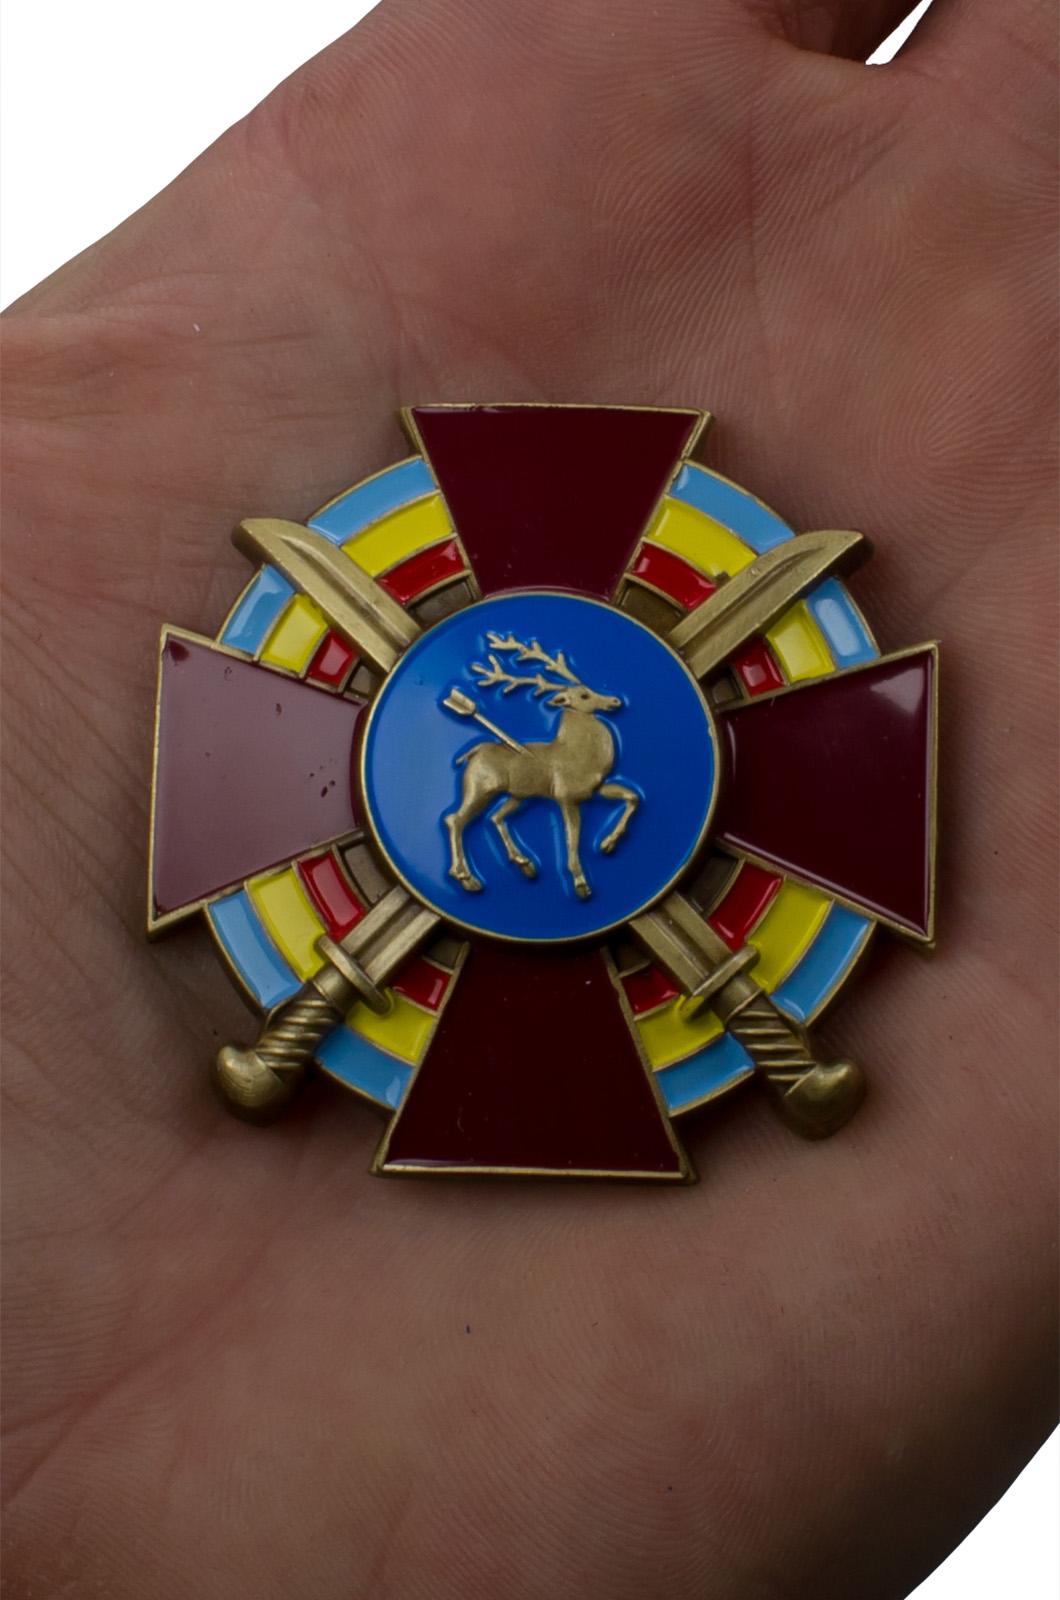 Крест Всевеликого войска Донского в бордовом футляре из флока - вид на ладони